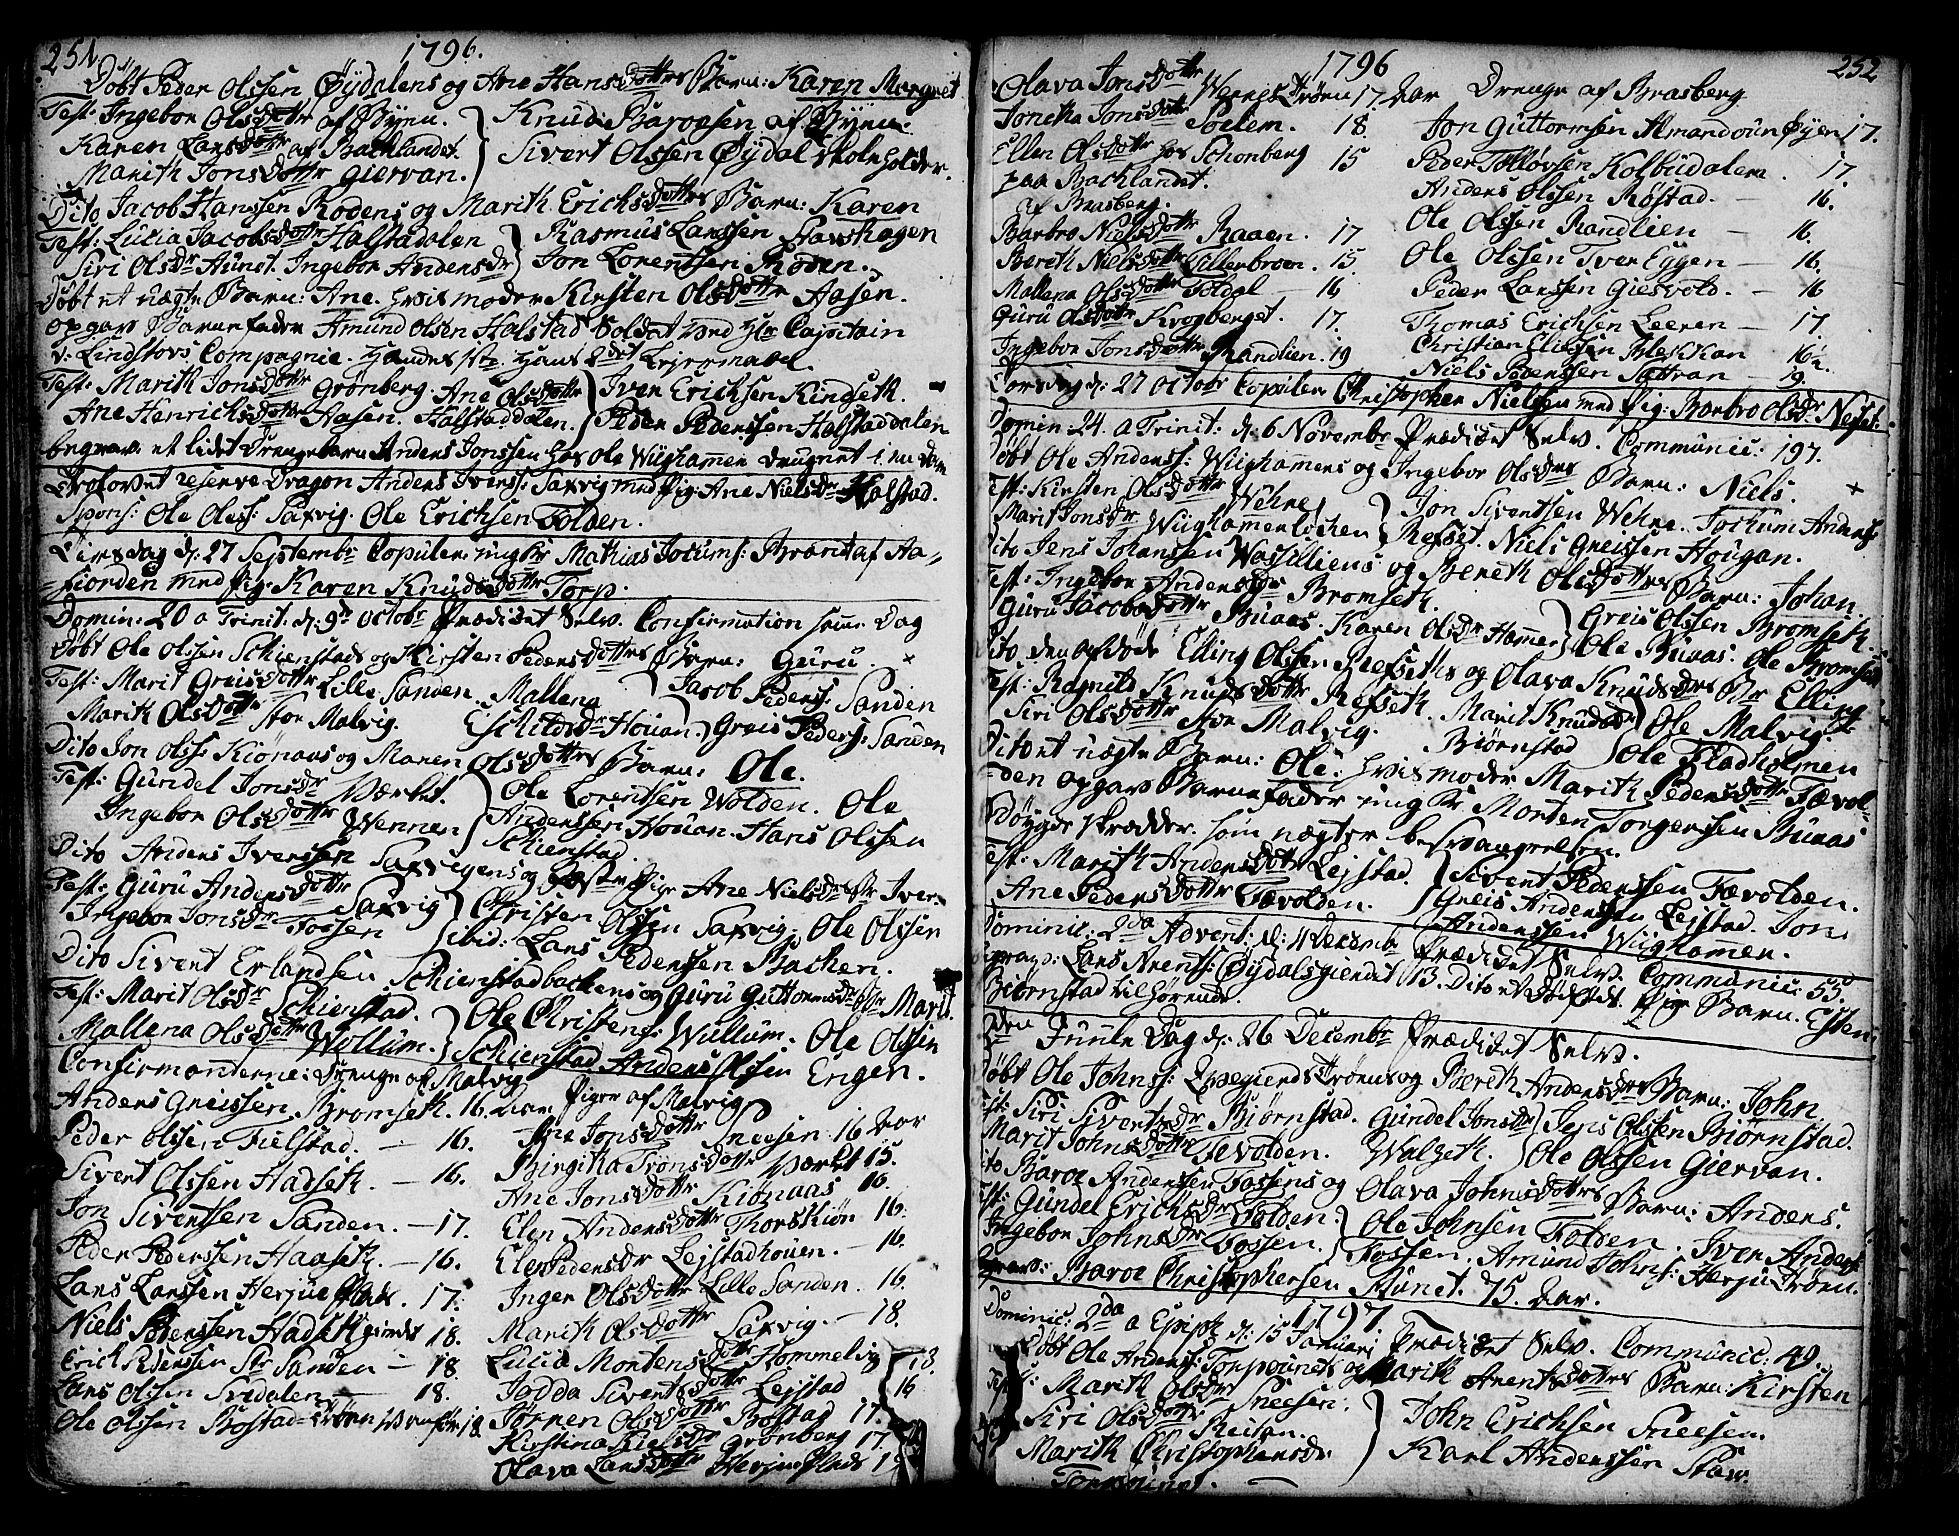 SAT, Ministerialprotokoller, klokkerbøker og fødselsregistre - Sør-Trøndelag, 606/L0281: Ministerialbok nr. 606A02 /2, 1781-1817, s. 251-252